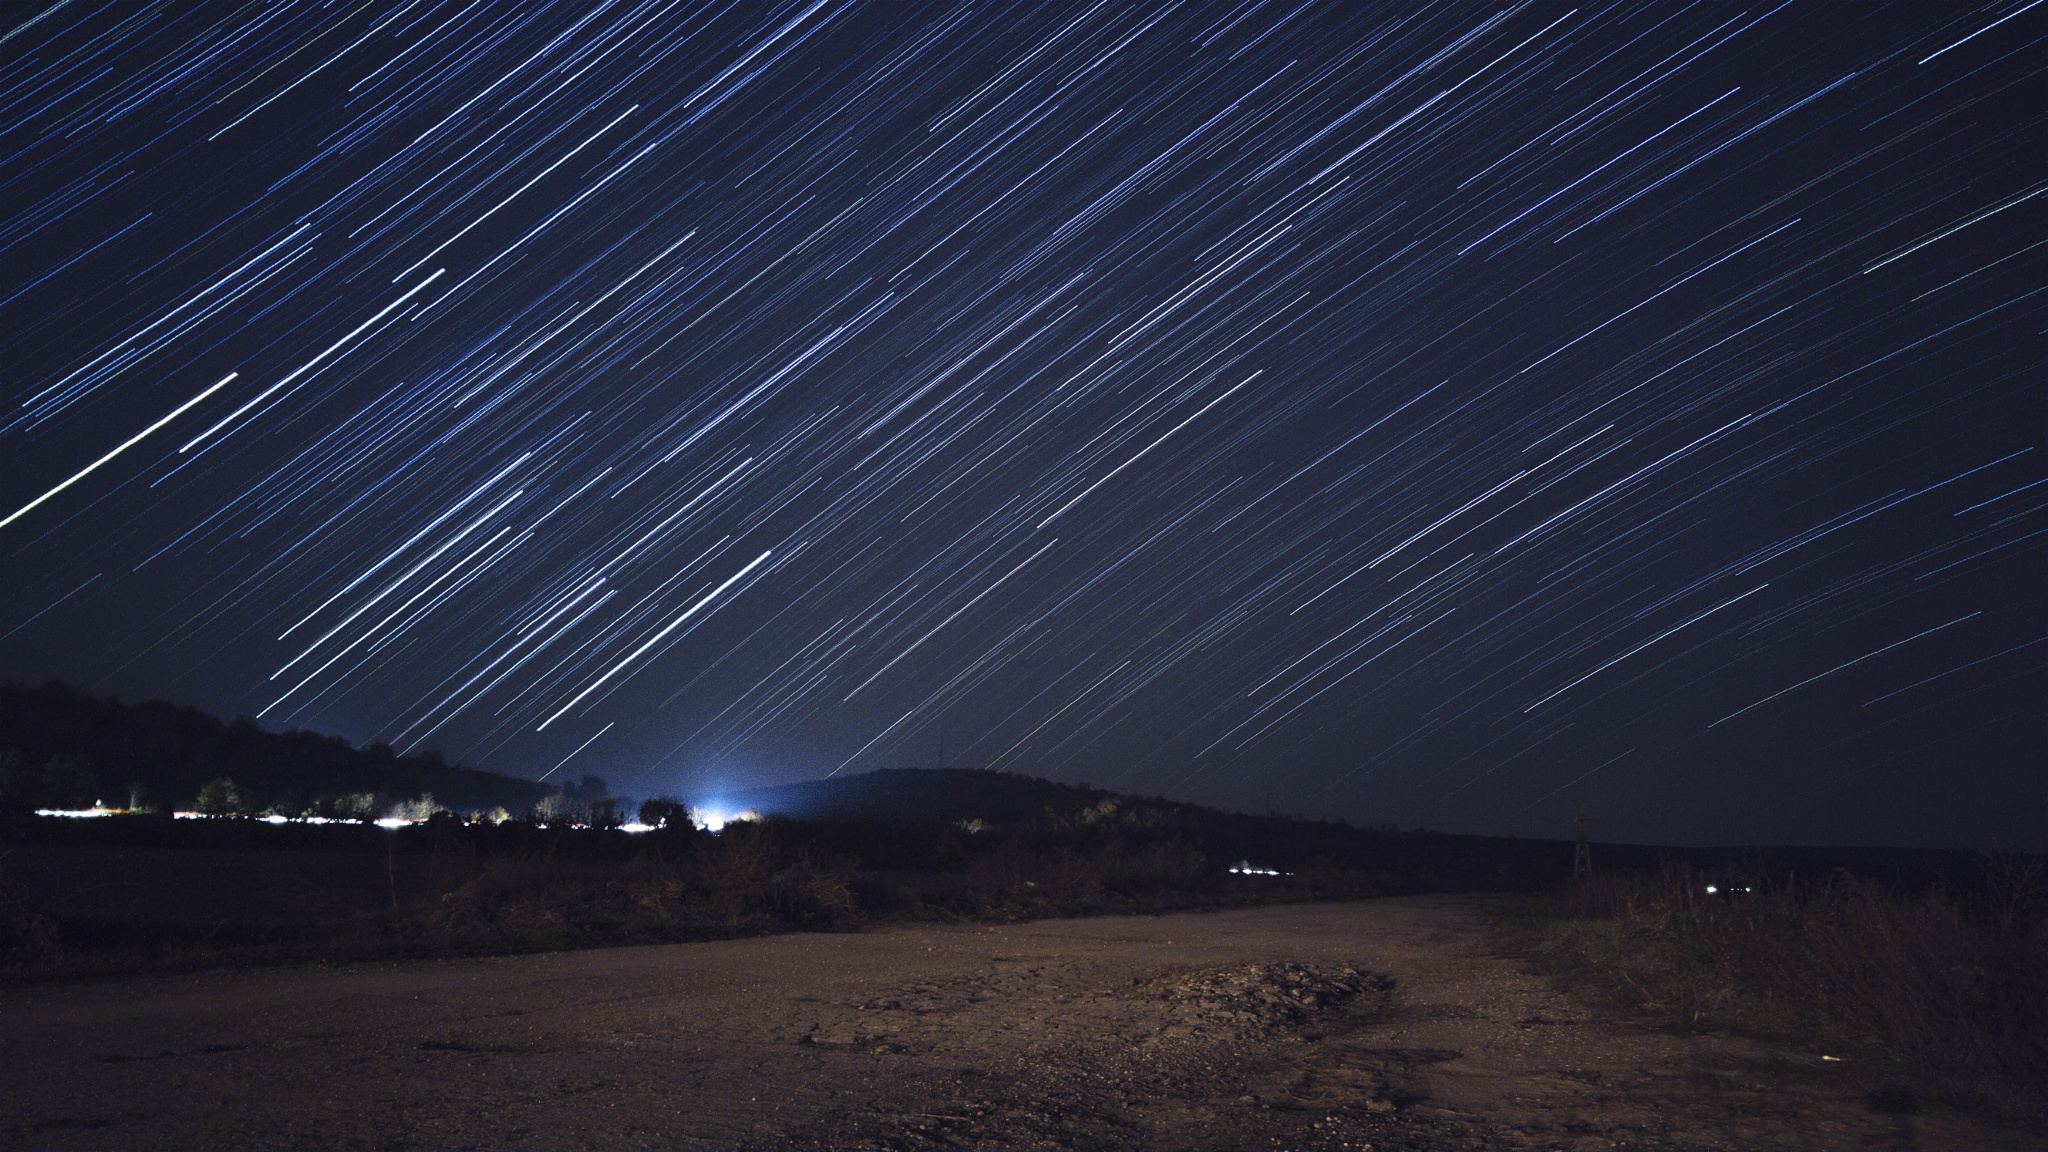 Star Trails by Tsvetan Ganev-CECLII